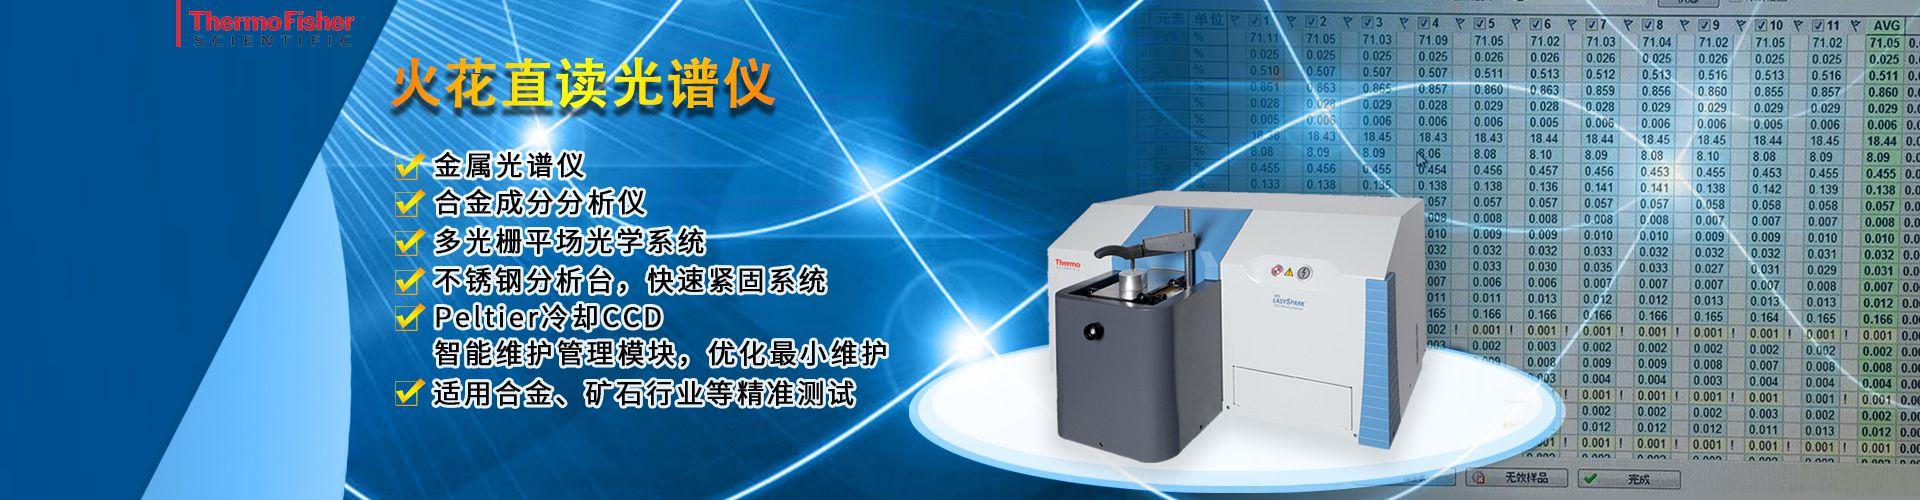 津工仪器科技(苏州)有限公司